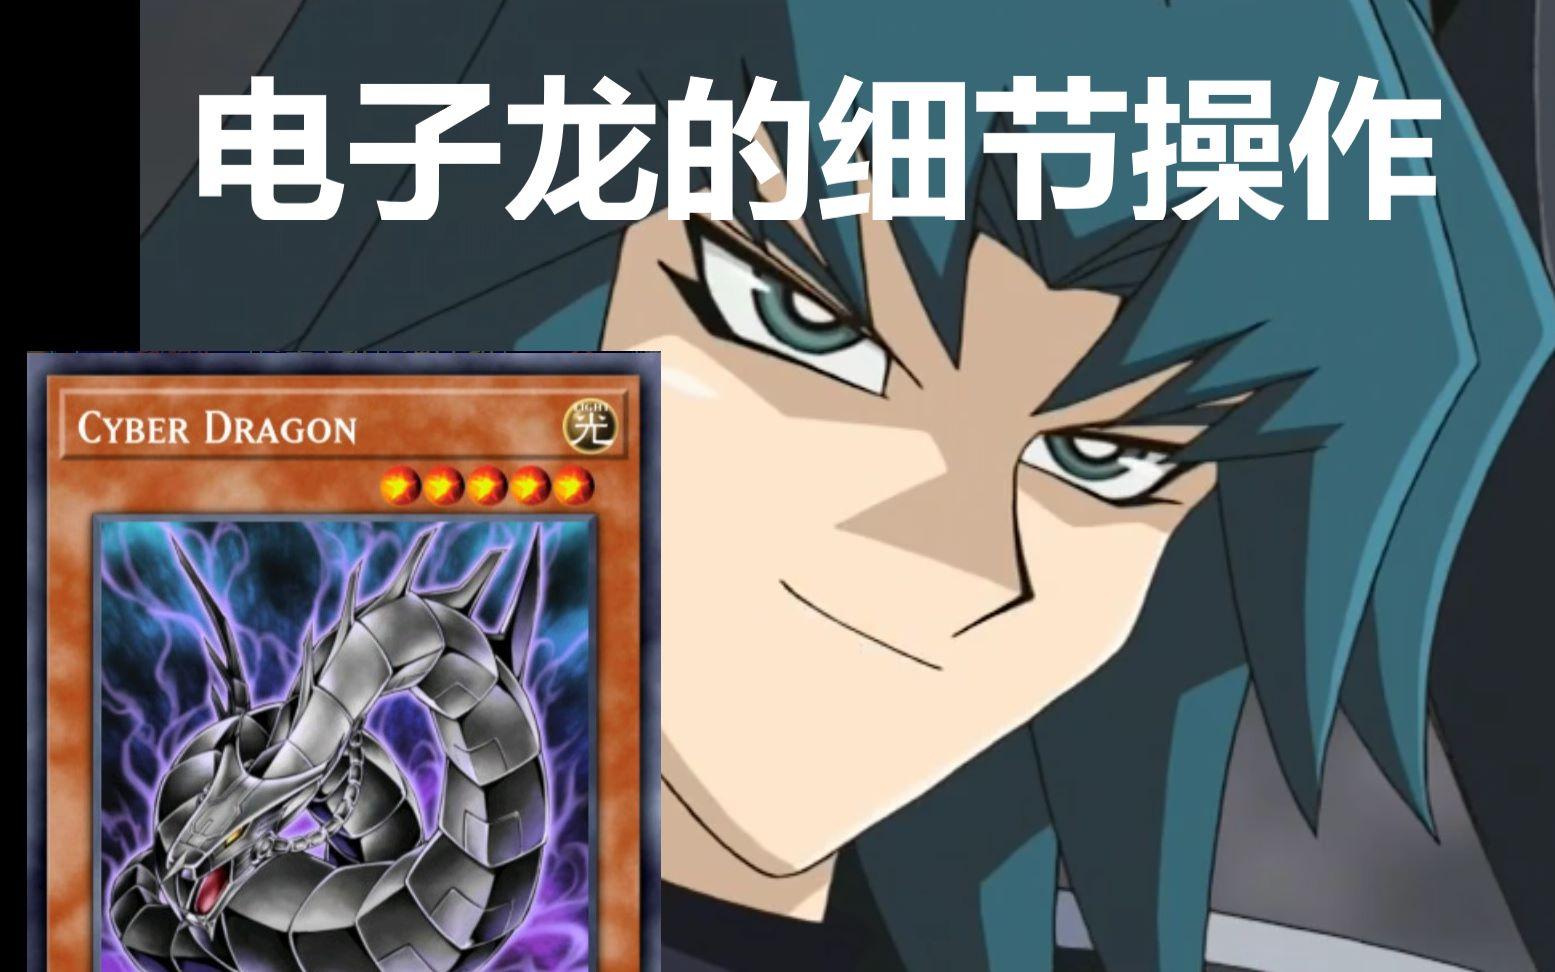 【电子龙VS主流卡组】最强电子龙大战超主流,我就是要拿电子龙上位!